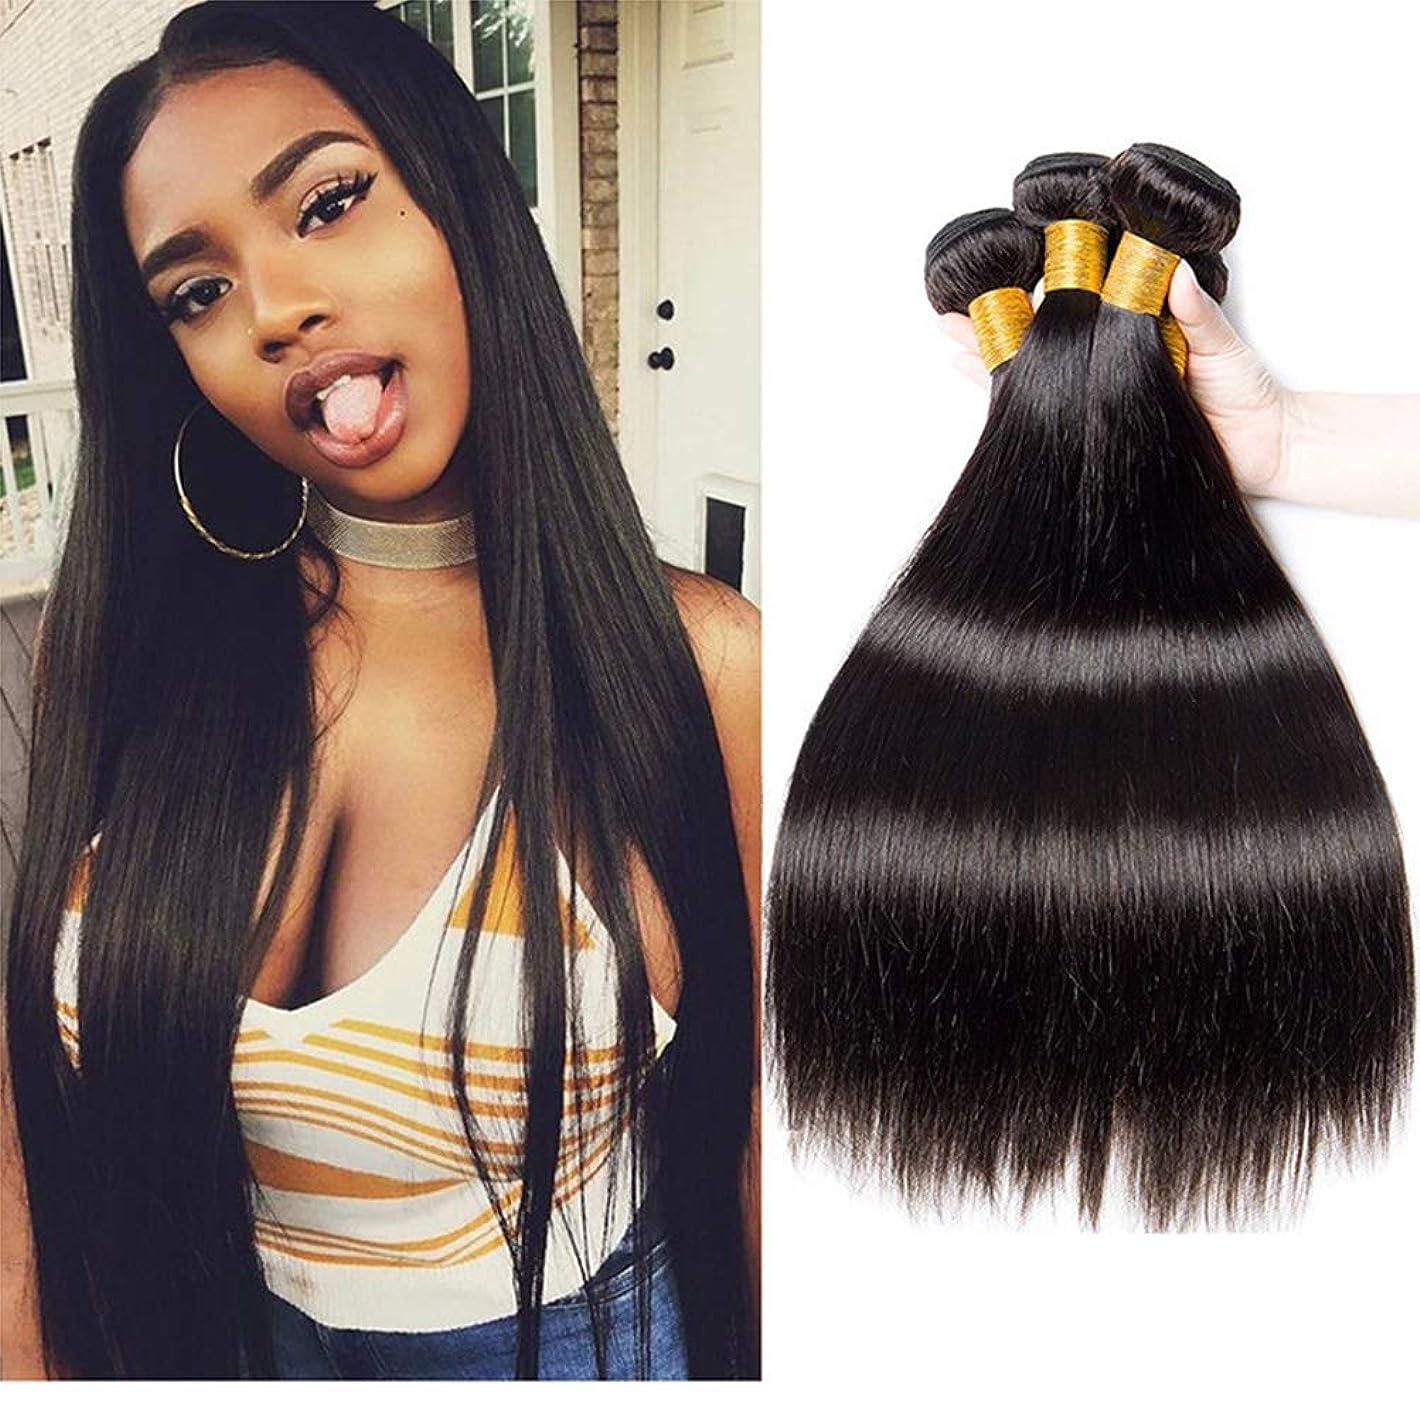 実行する獲物湾100%のremyブラジル人毛未処理の自然な女性の髪を編む二重よこ糸の人間の髪の毛を染色することができます。